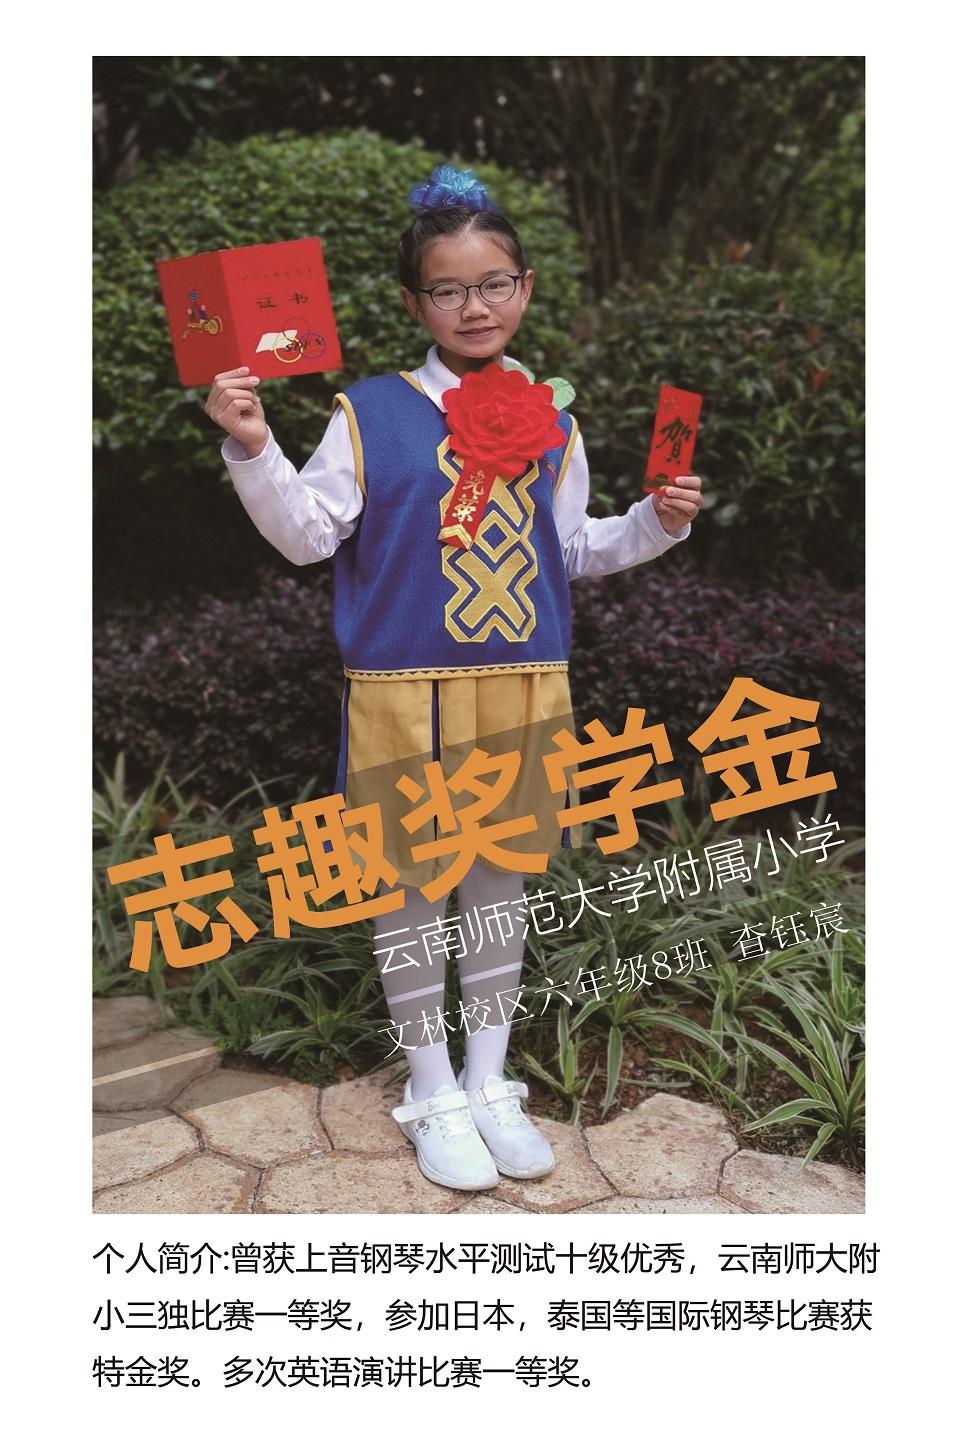 查钰宸获志趣奖学金